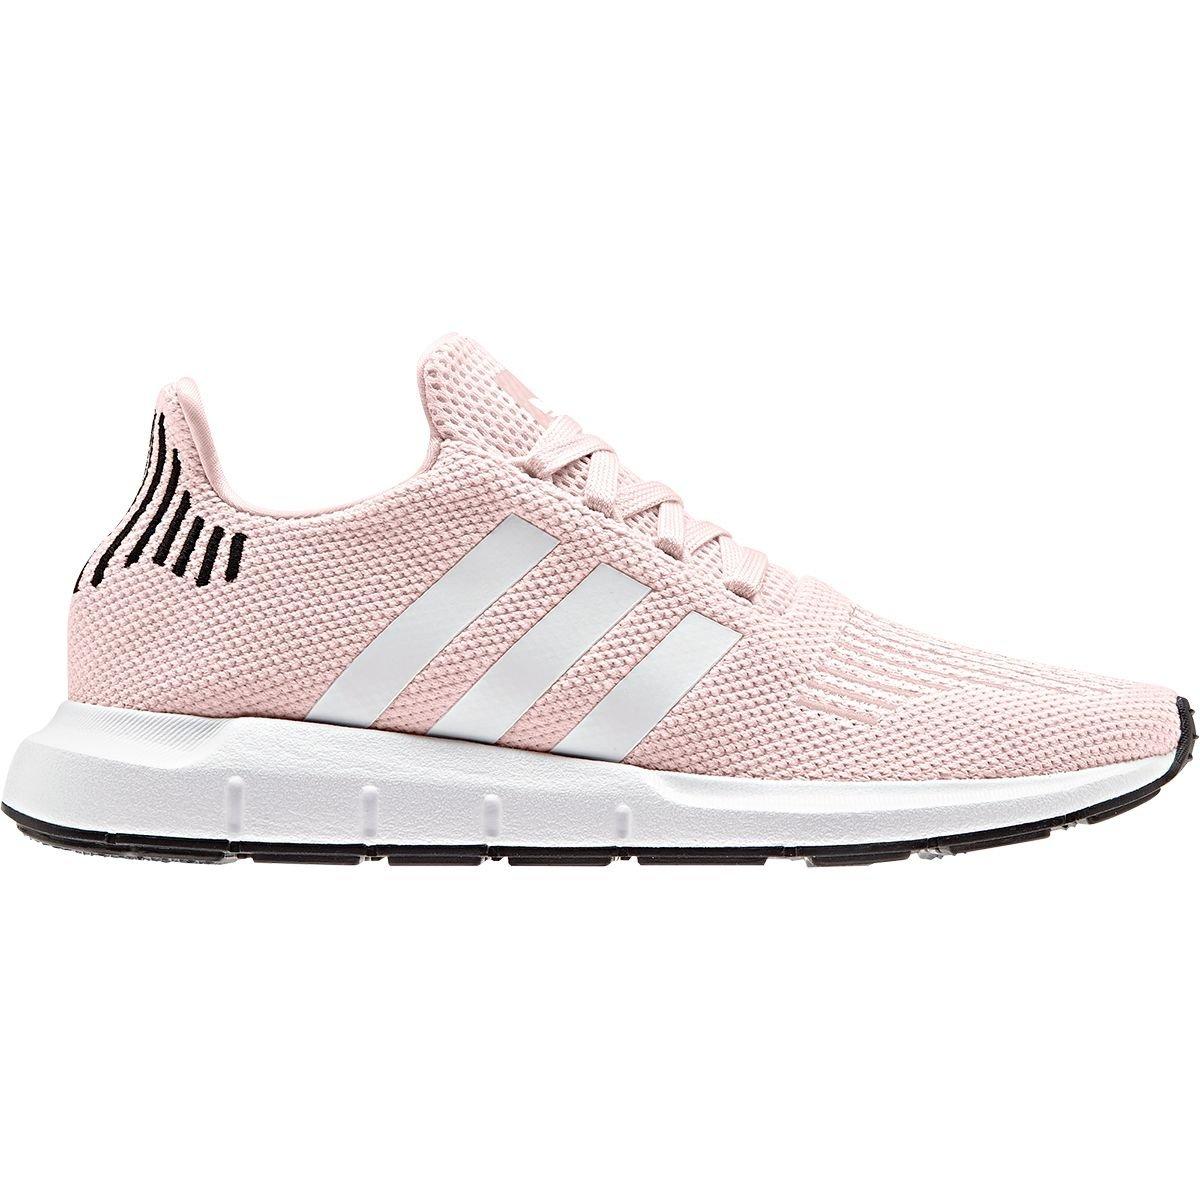 adidas Originals Women's Swift Running Shoe, Ice Pink/White/Black, 9.5 M US